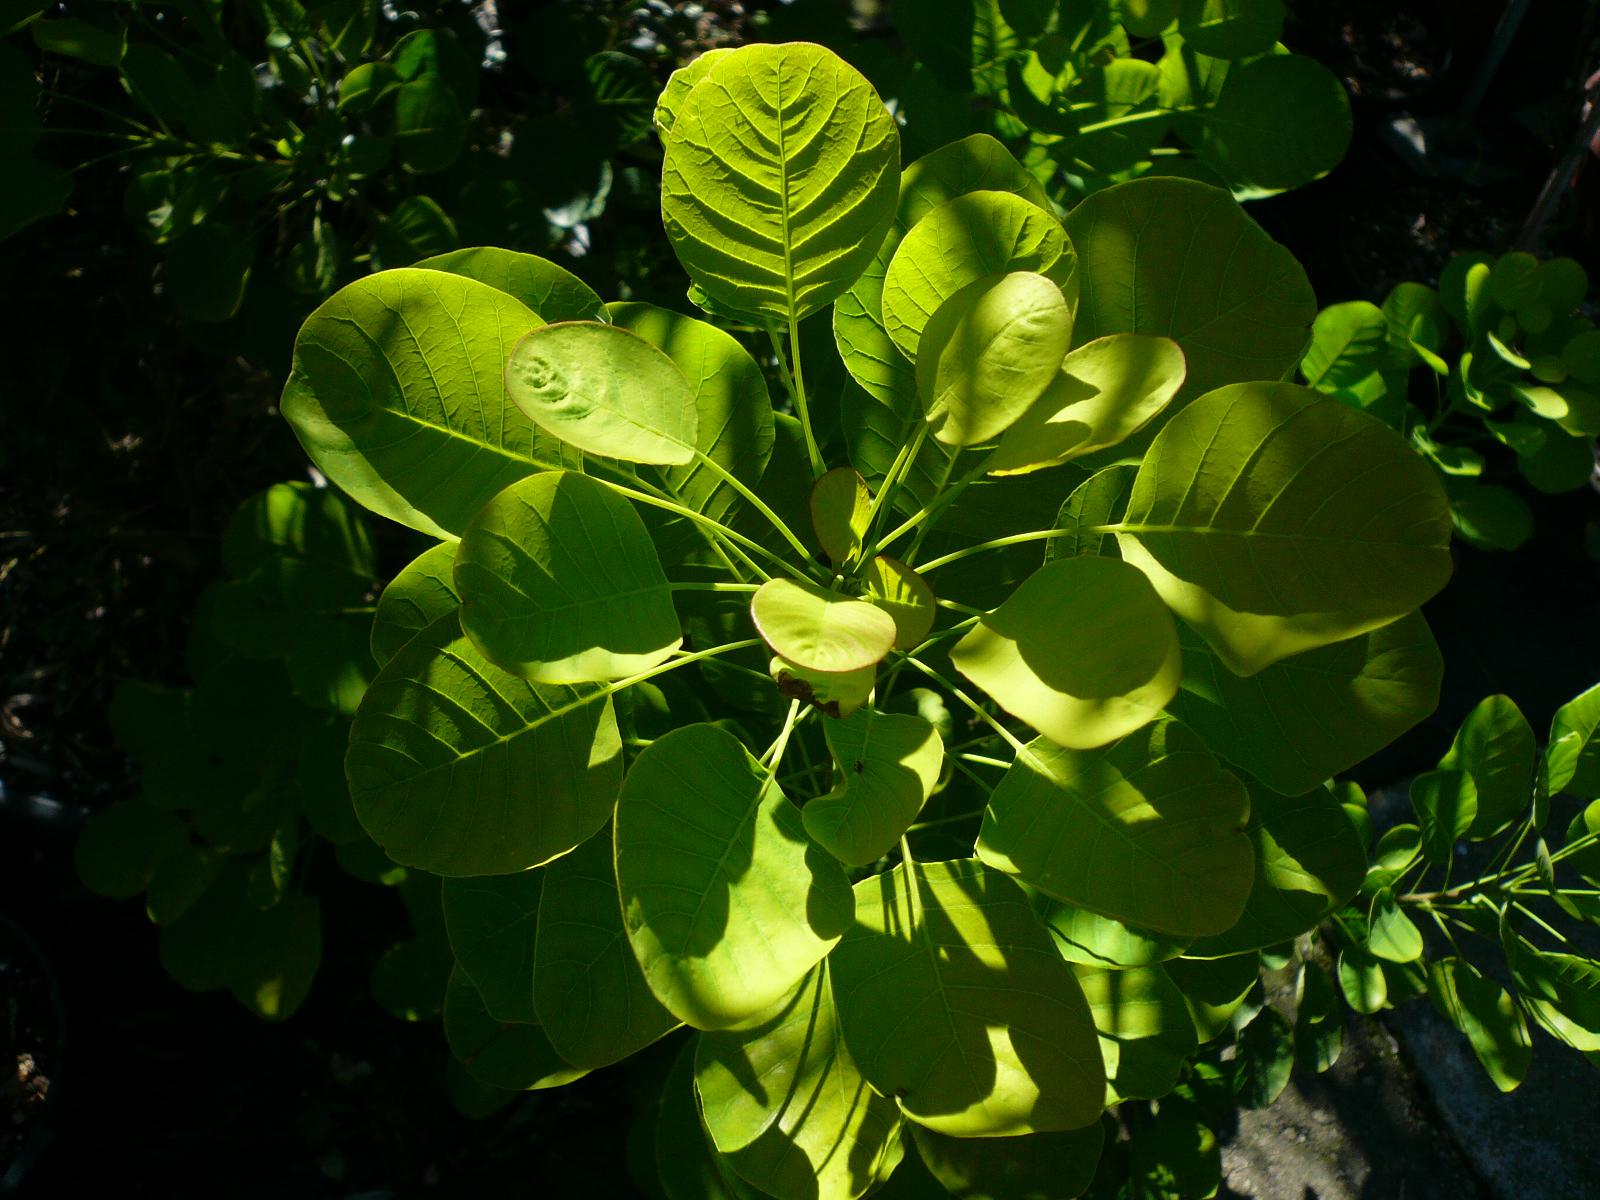 Sonnenlicht spiegelt sich auf einer grünen Pflanze